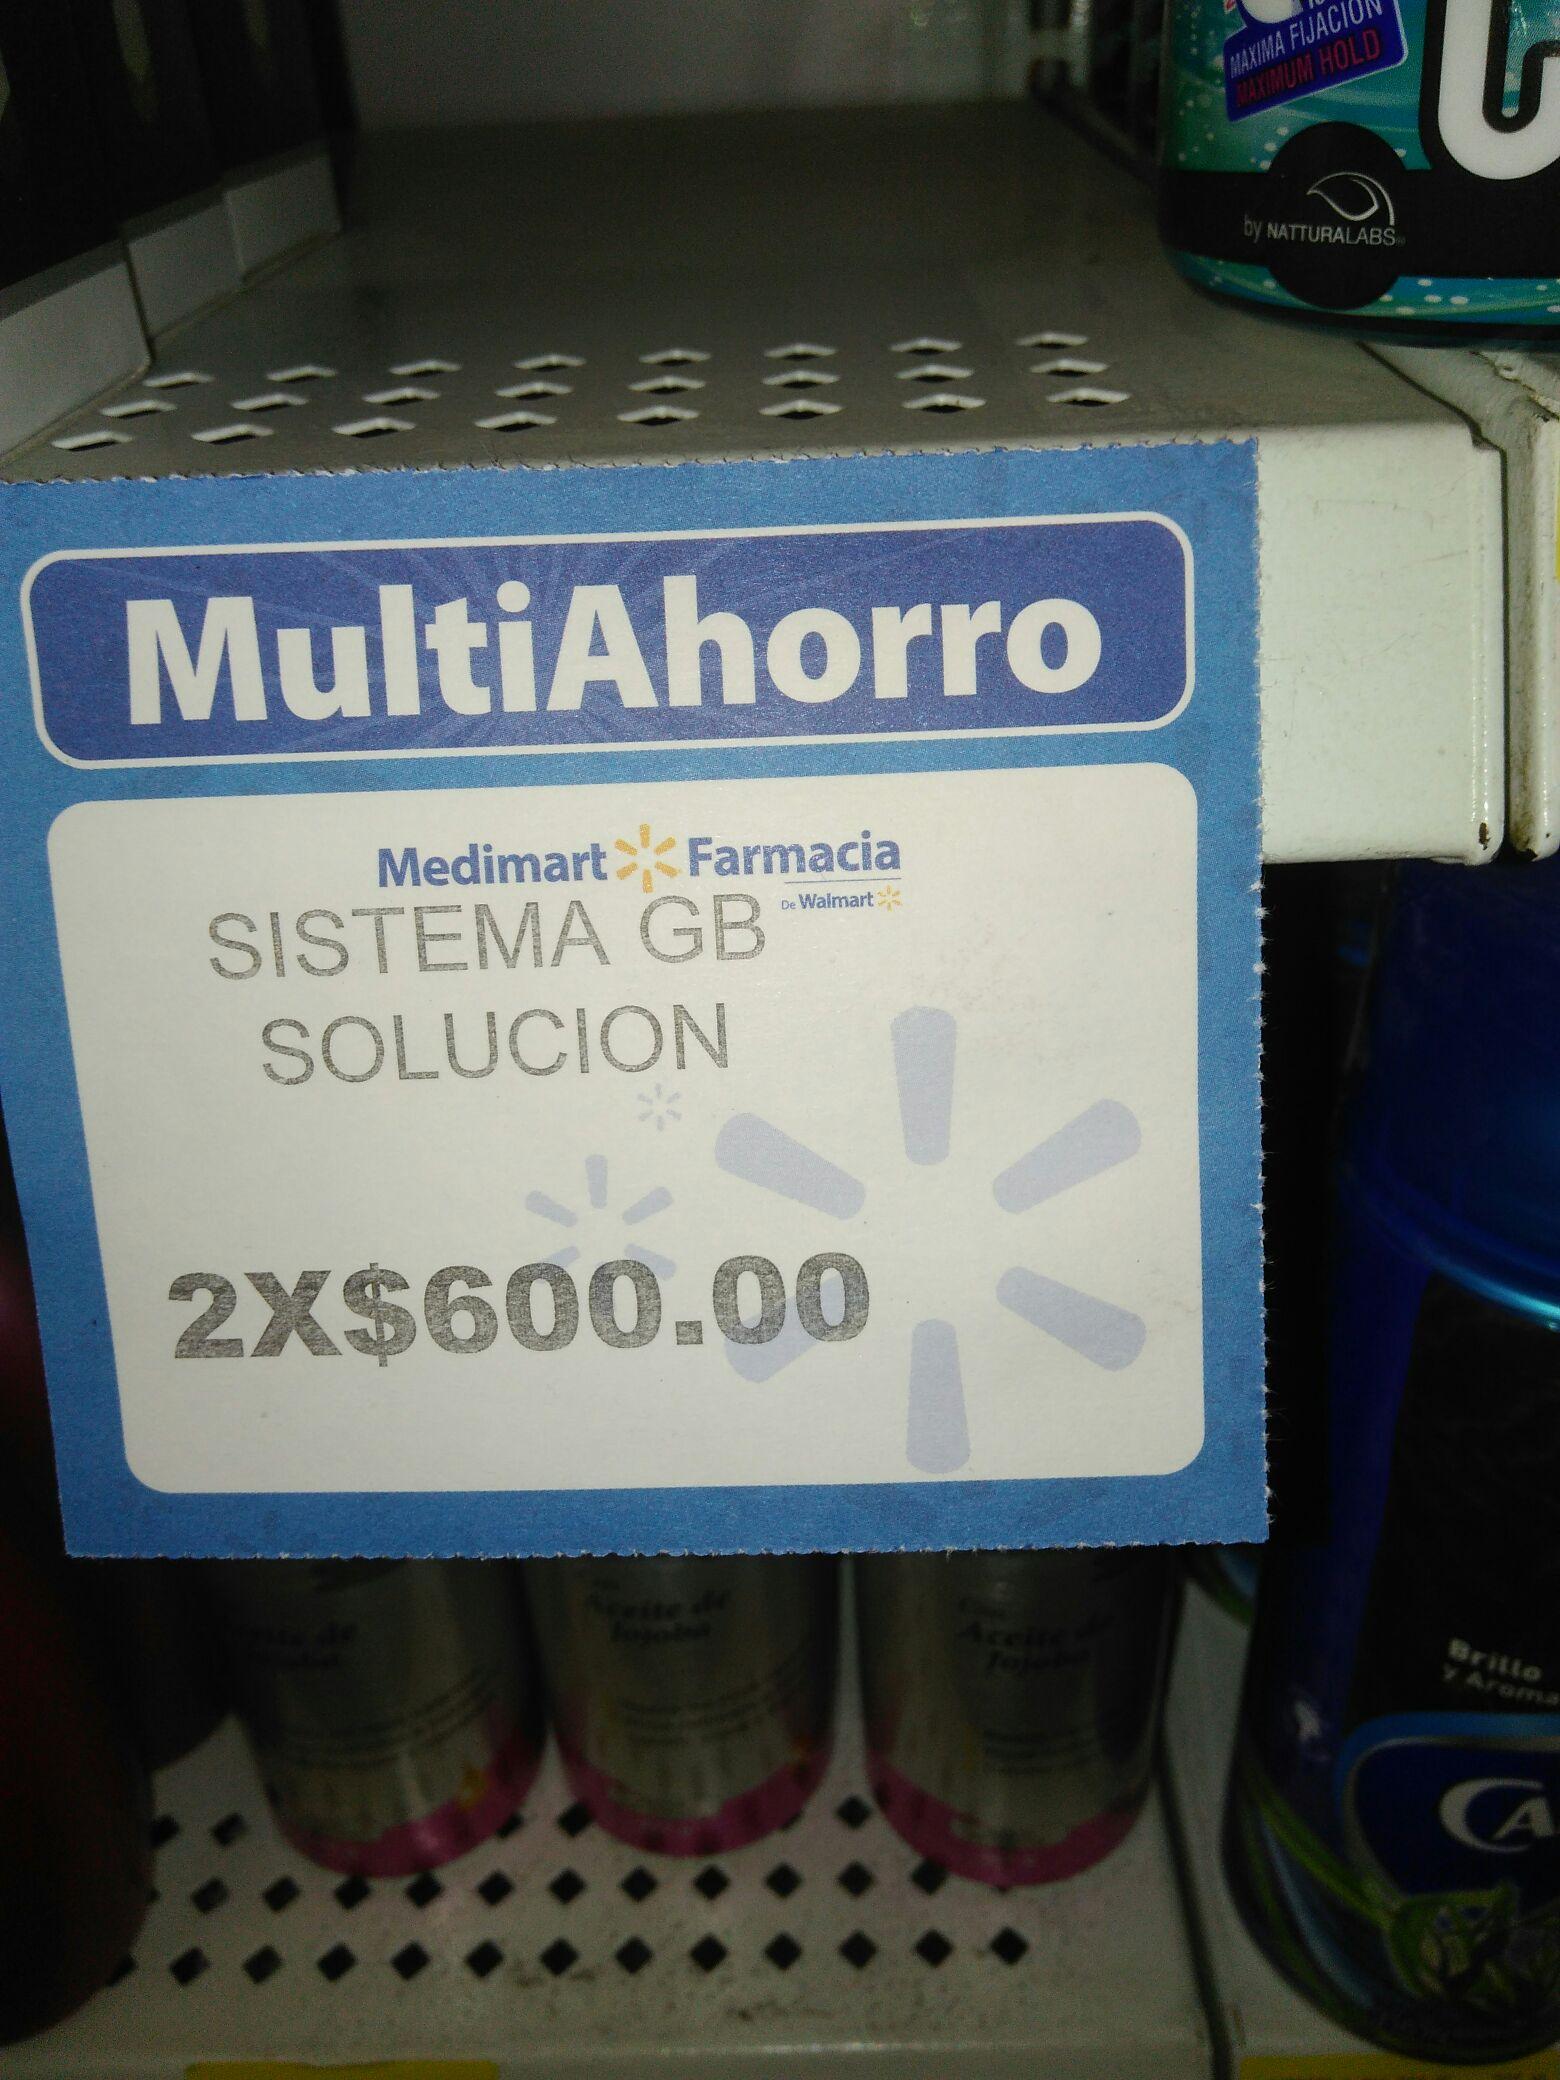 Walmart Medimart: Sistema GB minoxidil 2 x $600